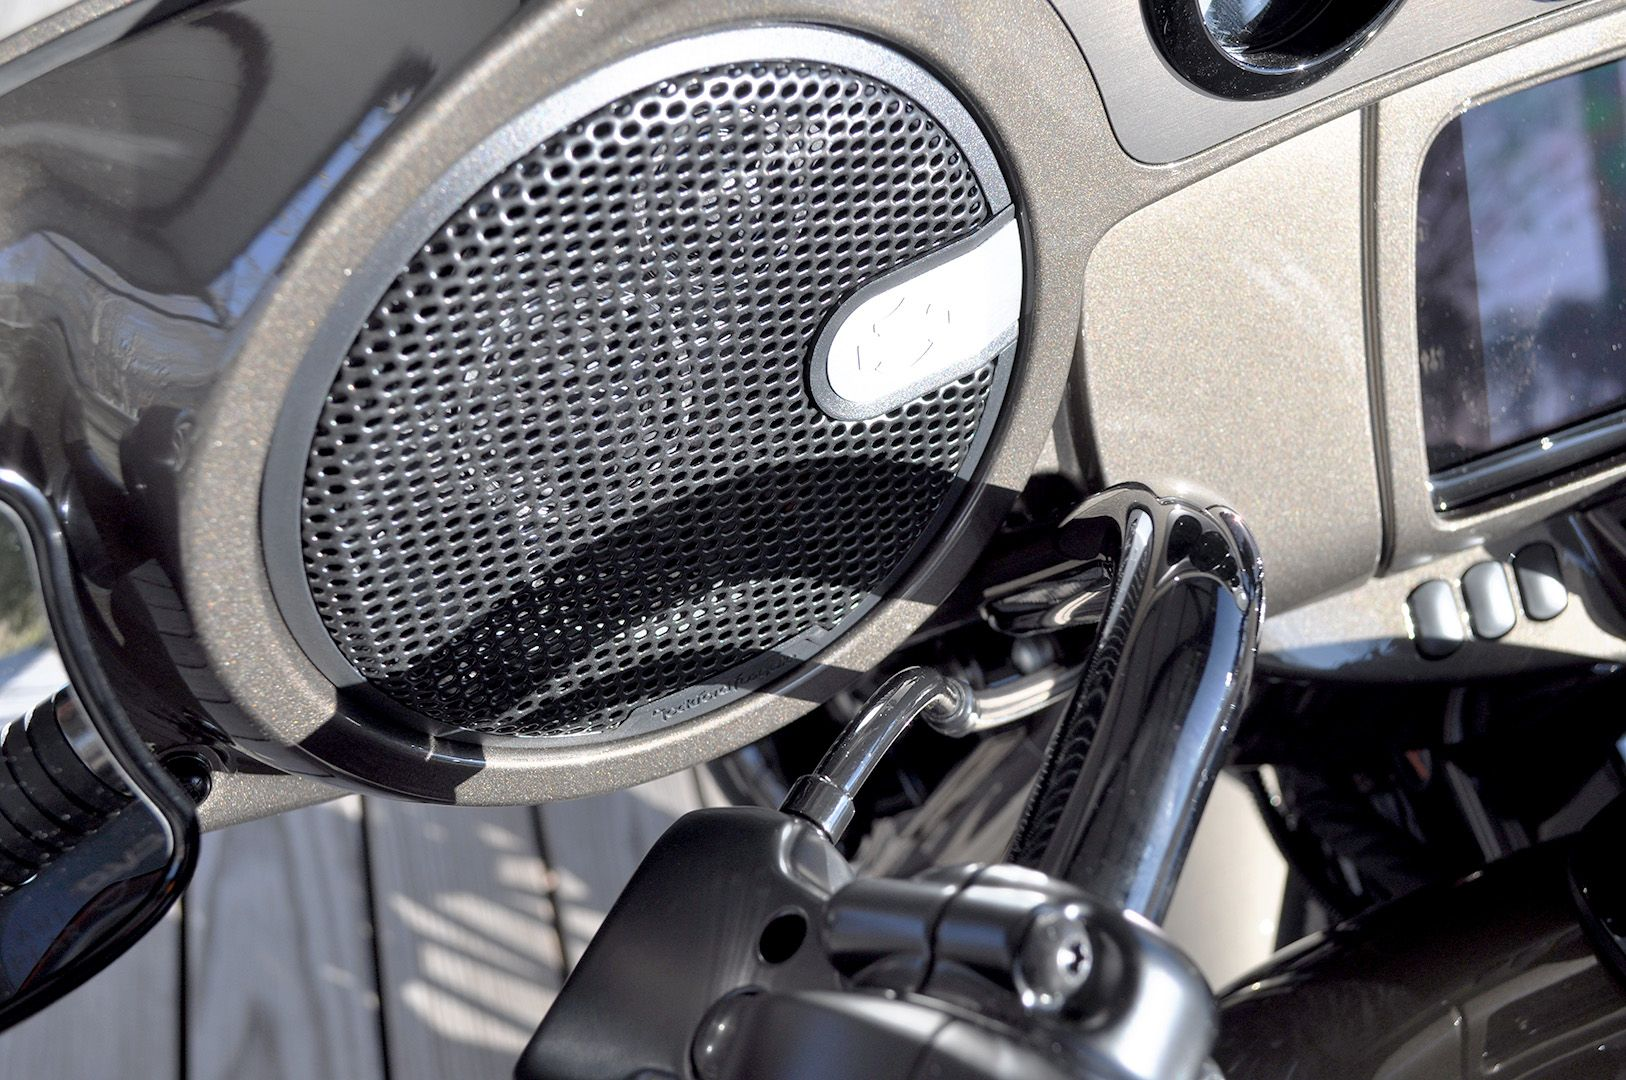 New 2021 Harley-Davidson CVO Street Glide